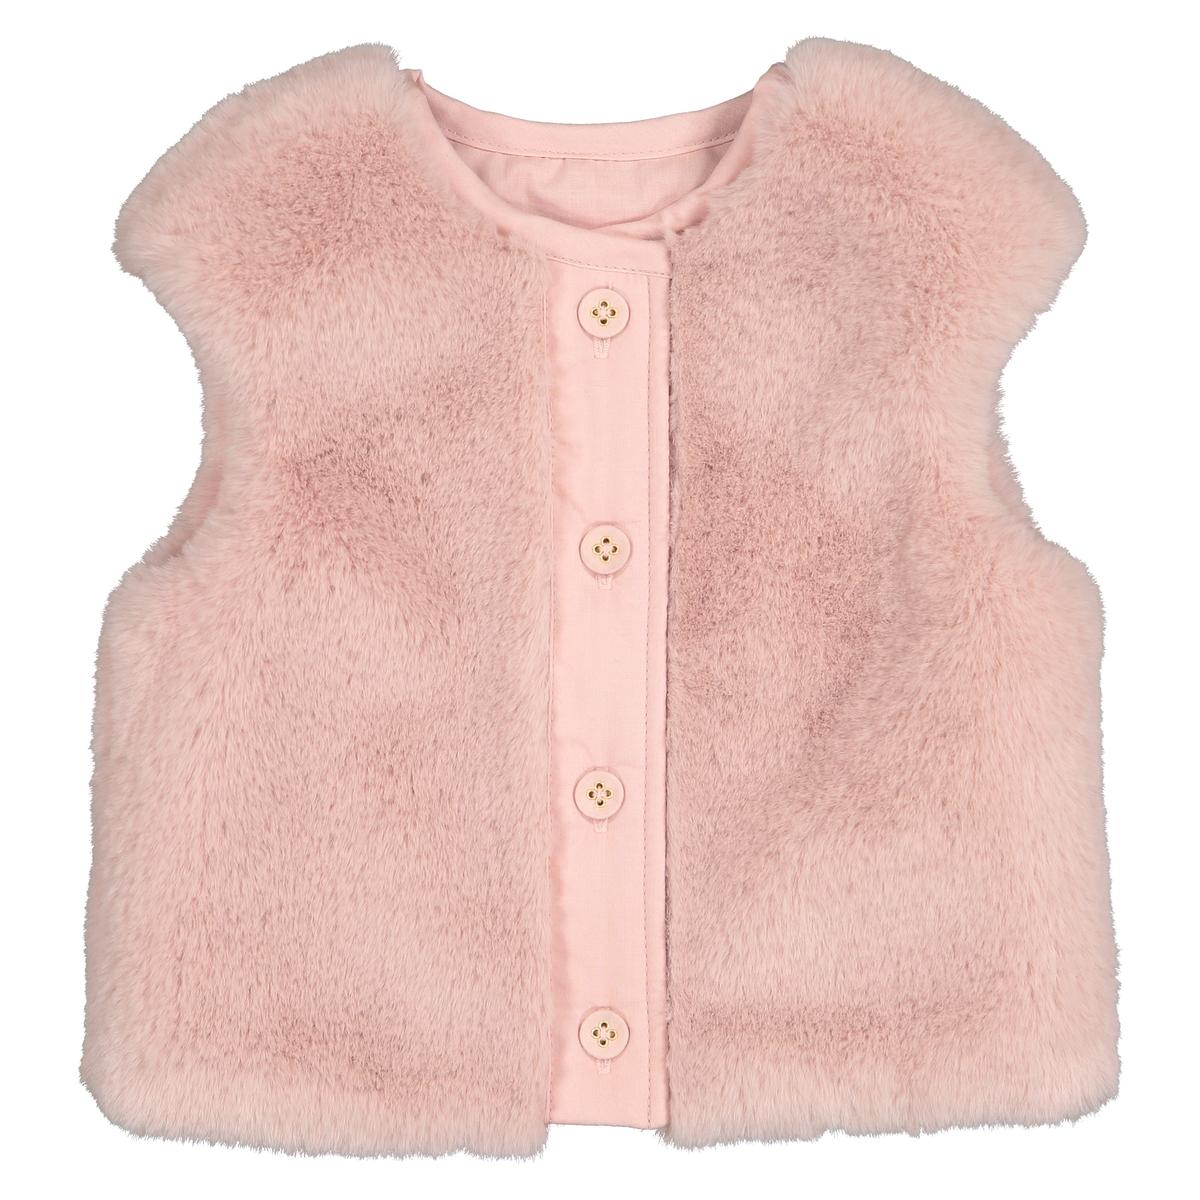 Кардиган La Redoute Без рукавов из искусственного меха мес- года 3 года - 94 см розовый комплект из пижам из la redoute предметов мес года 3 года 94 см серый